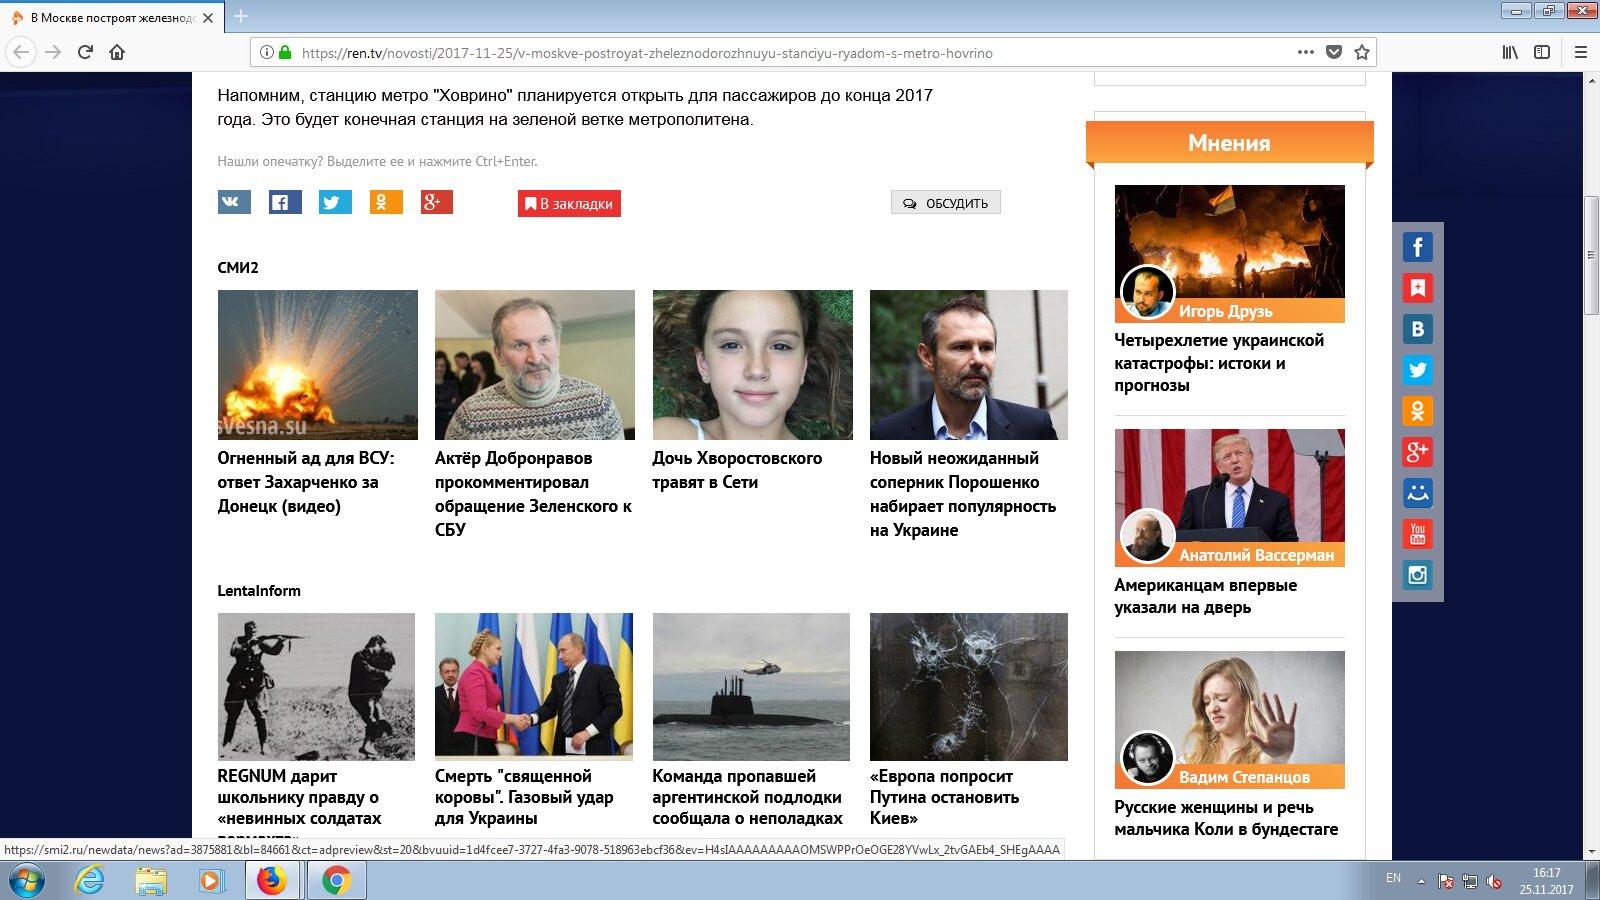 Фрагмент сайта РенТВ без фильтрации рекламы, начало